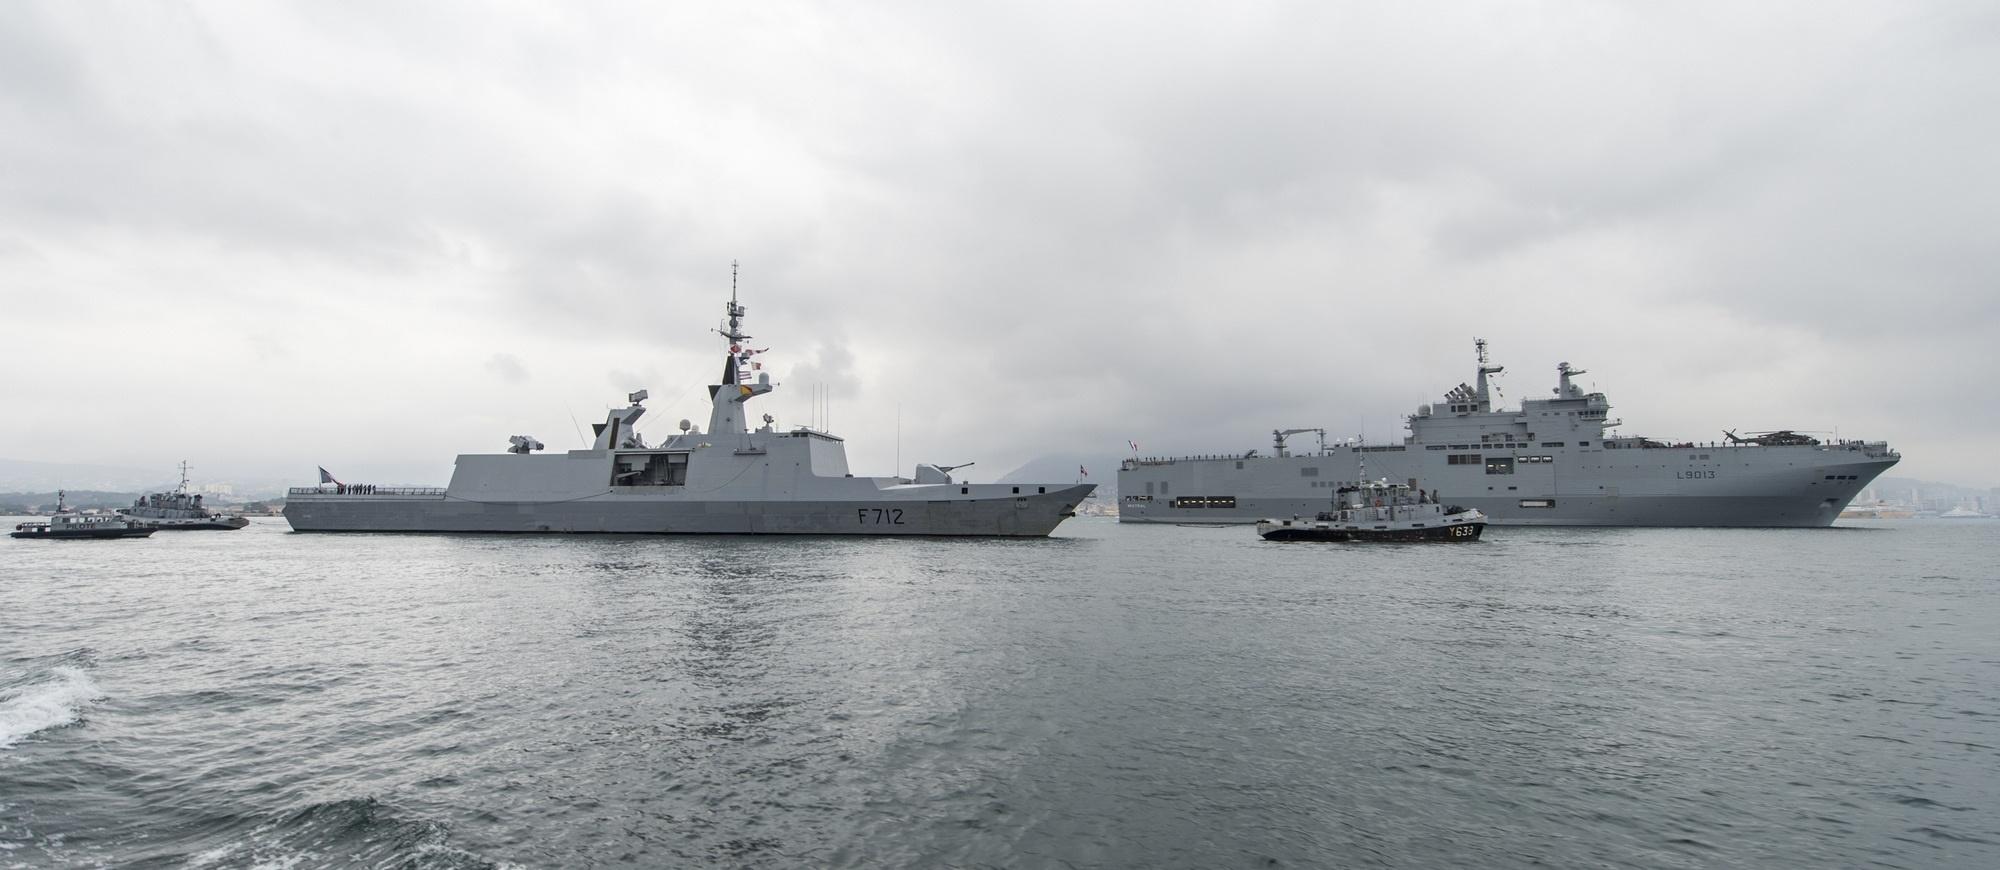 Французские универсальный десантный корабль L 9013 Mistral и фрегат F 712 Courbet (типа La Fayette) прибывают с дружественным визитом в Хошимин (Вьетнам), 15.04.2017.